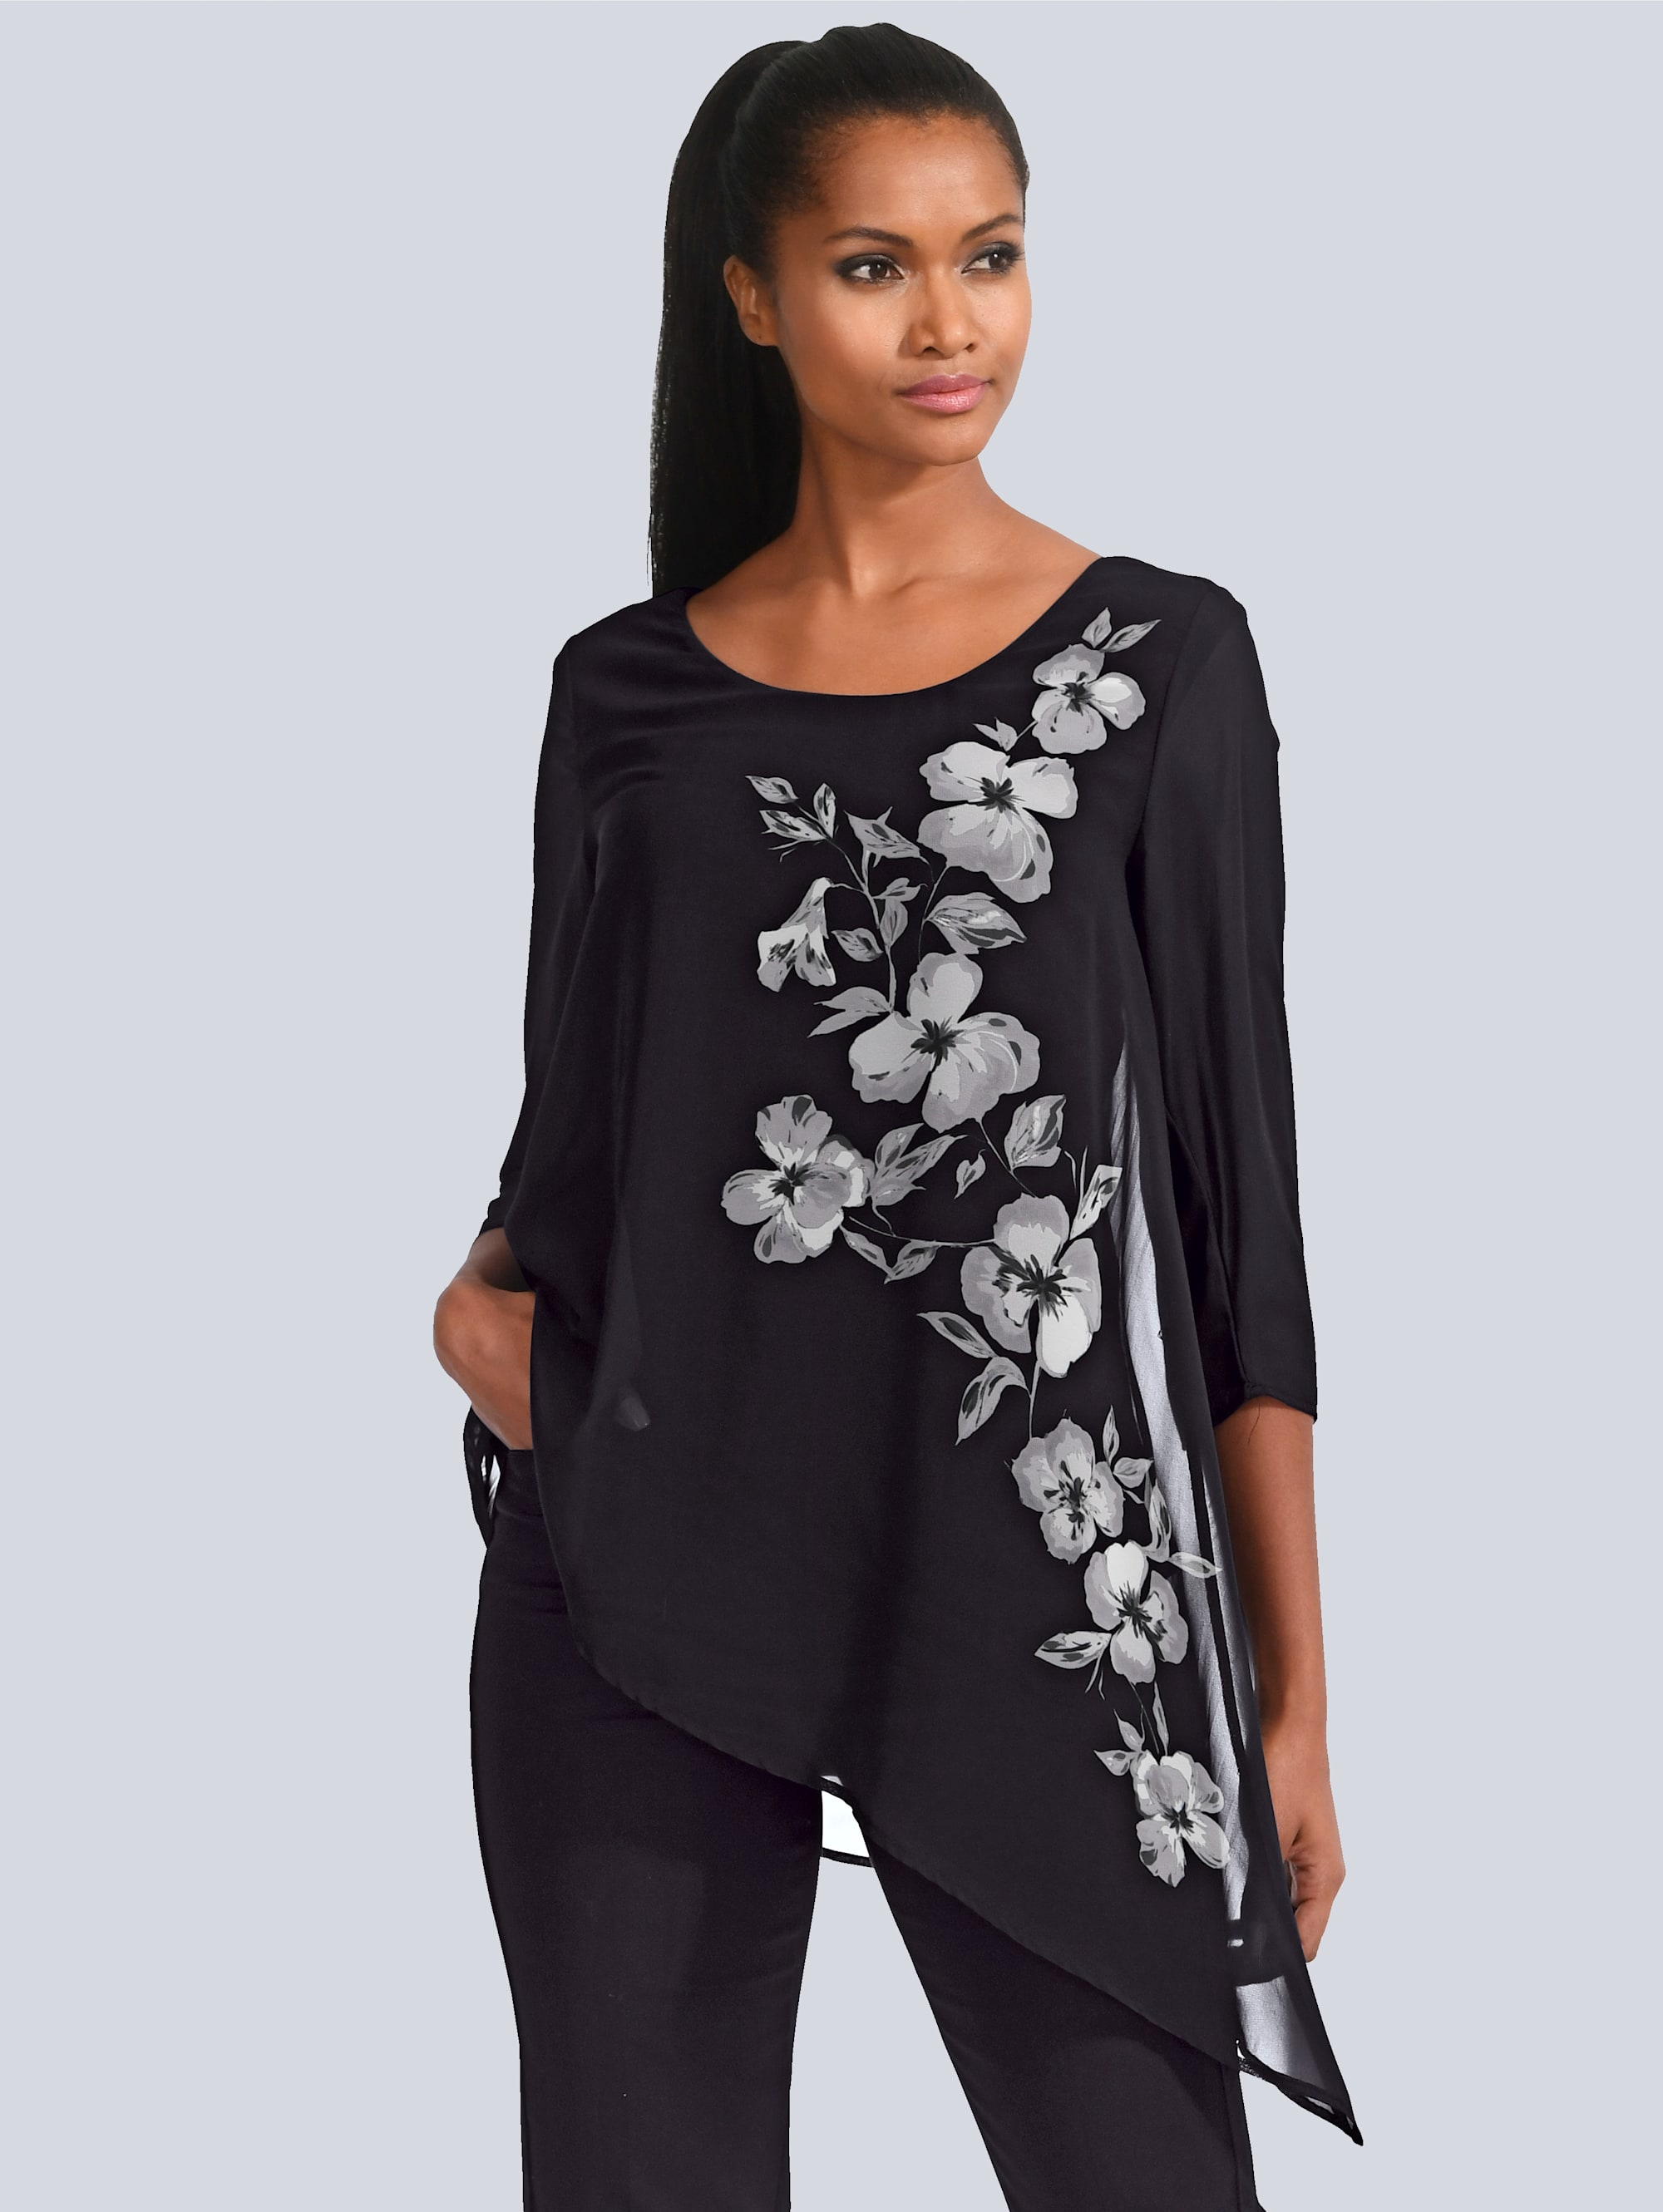 Alba Moda Shirt mit asymmetrischer Chiffonlage 7wZkr 6jfoe